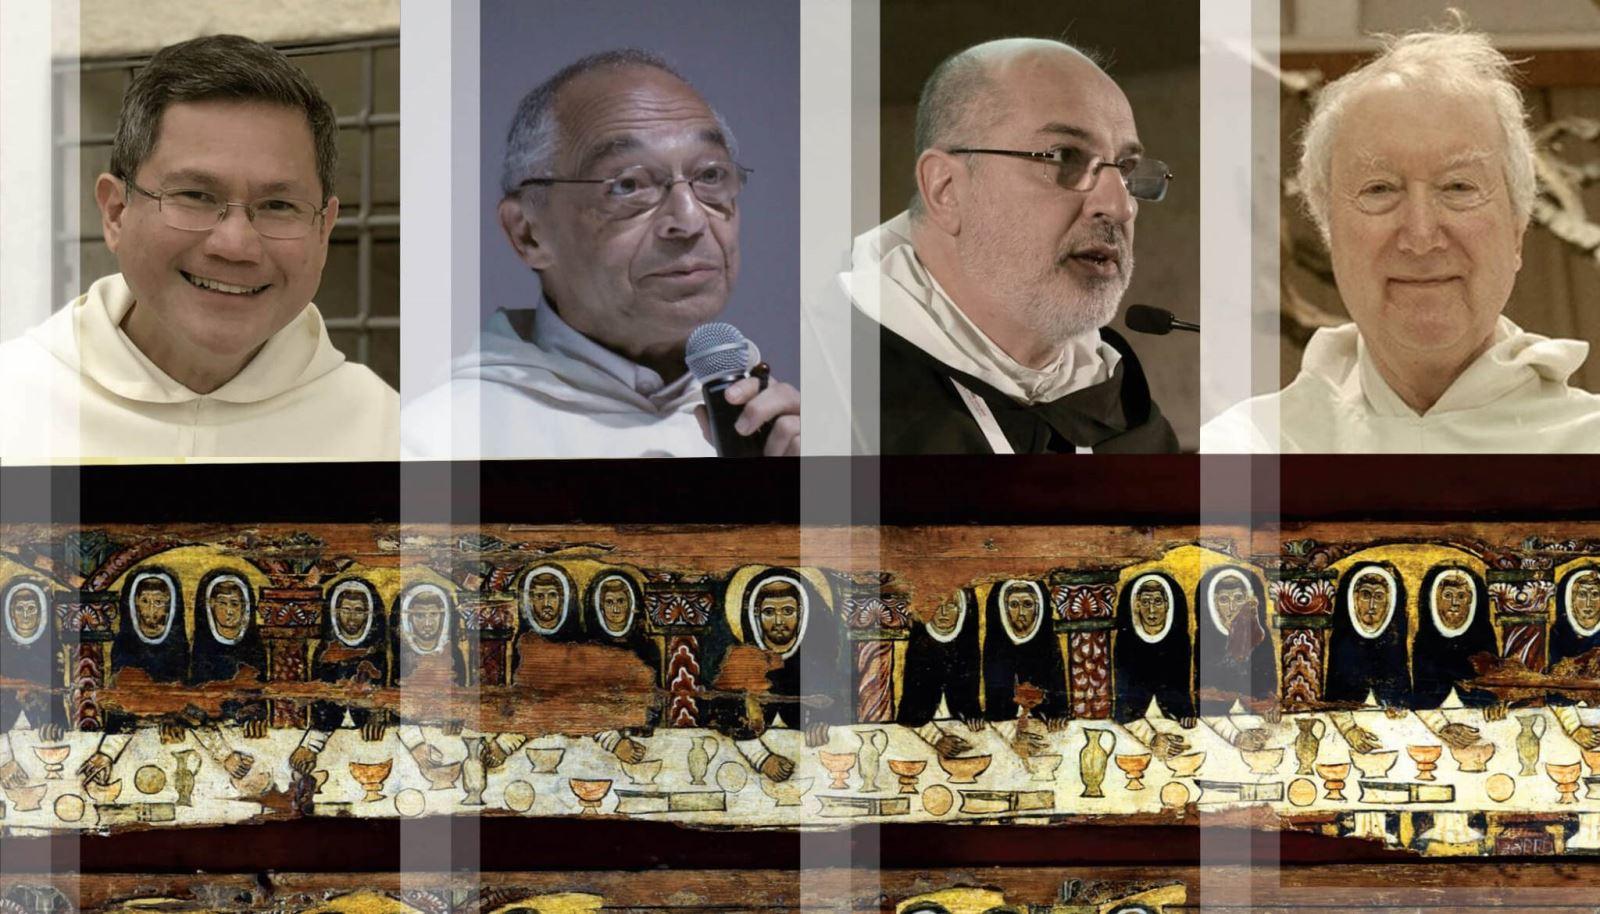 THƯ CỦA CHA BTTQ GERARD F.TIMONER,OP.  Dịp Kỷ niệm 800 năm Các Tổng hội đầu tiên của Dòng-  Phần cuối